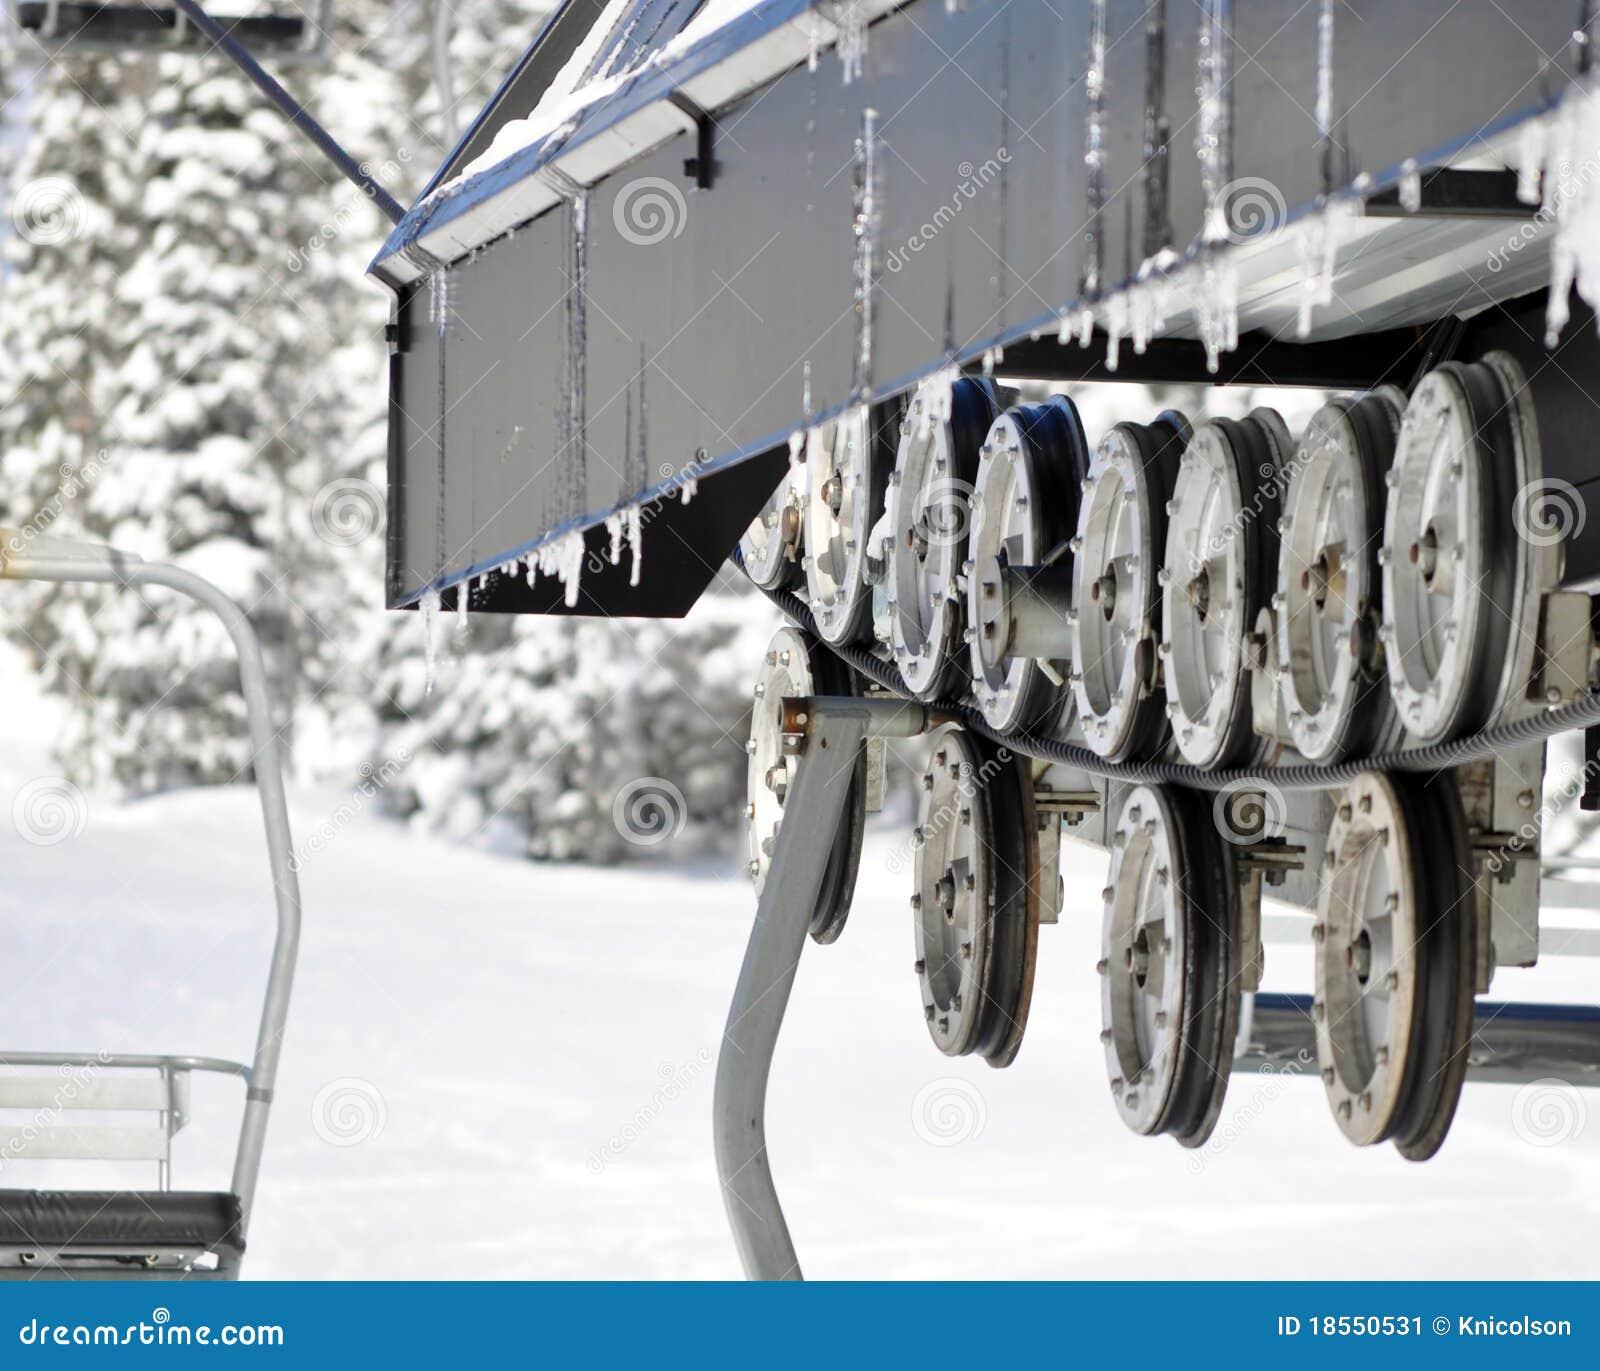 Ski chair lift stock image image 18550531